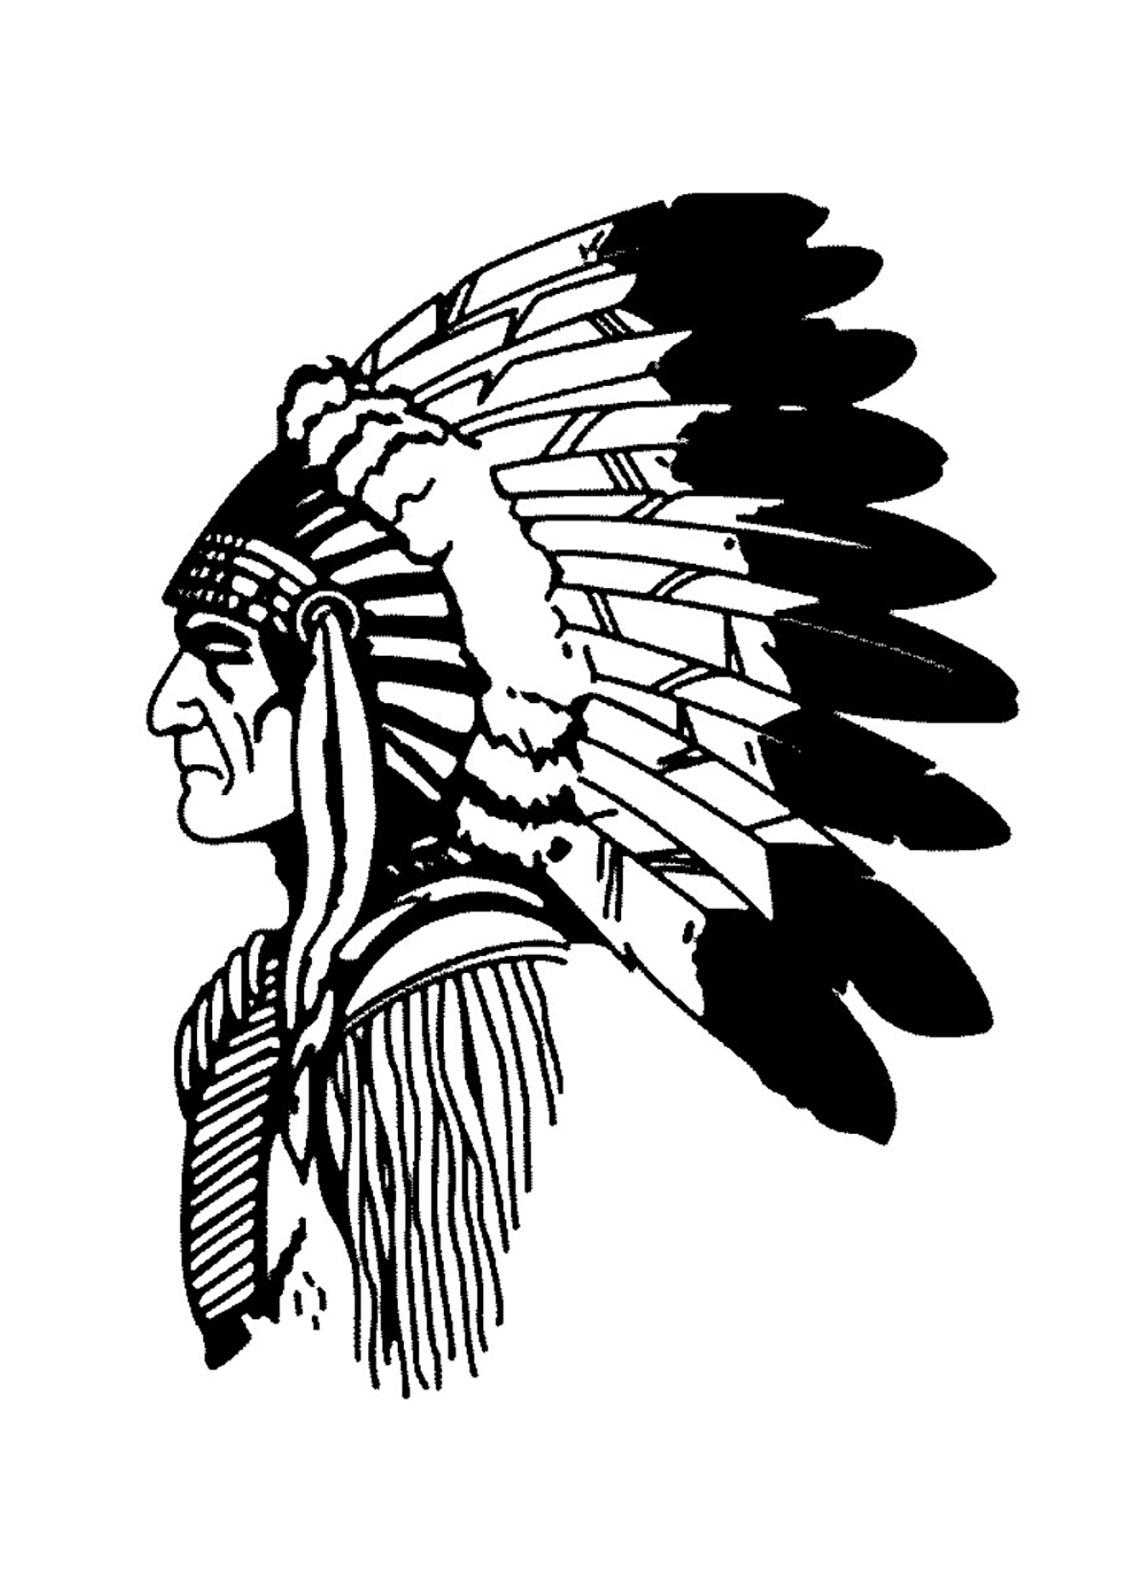 Disegni da colorare per adulti : Indiano dAmerica - 14